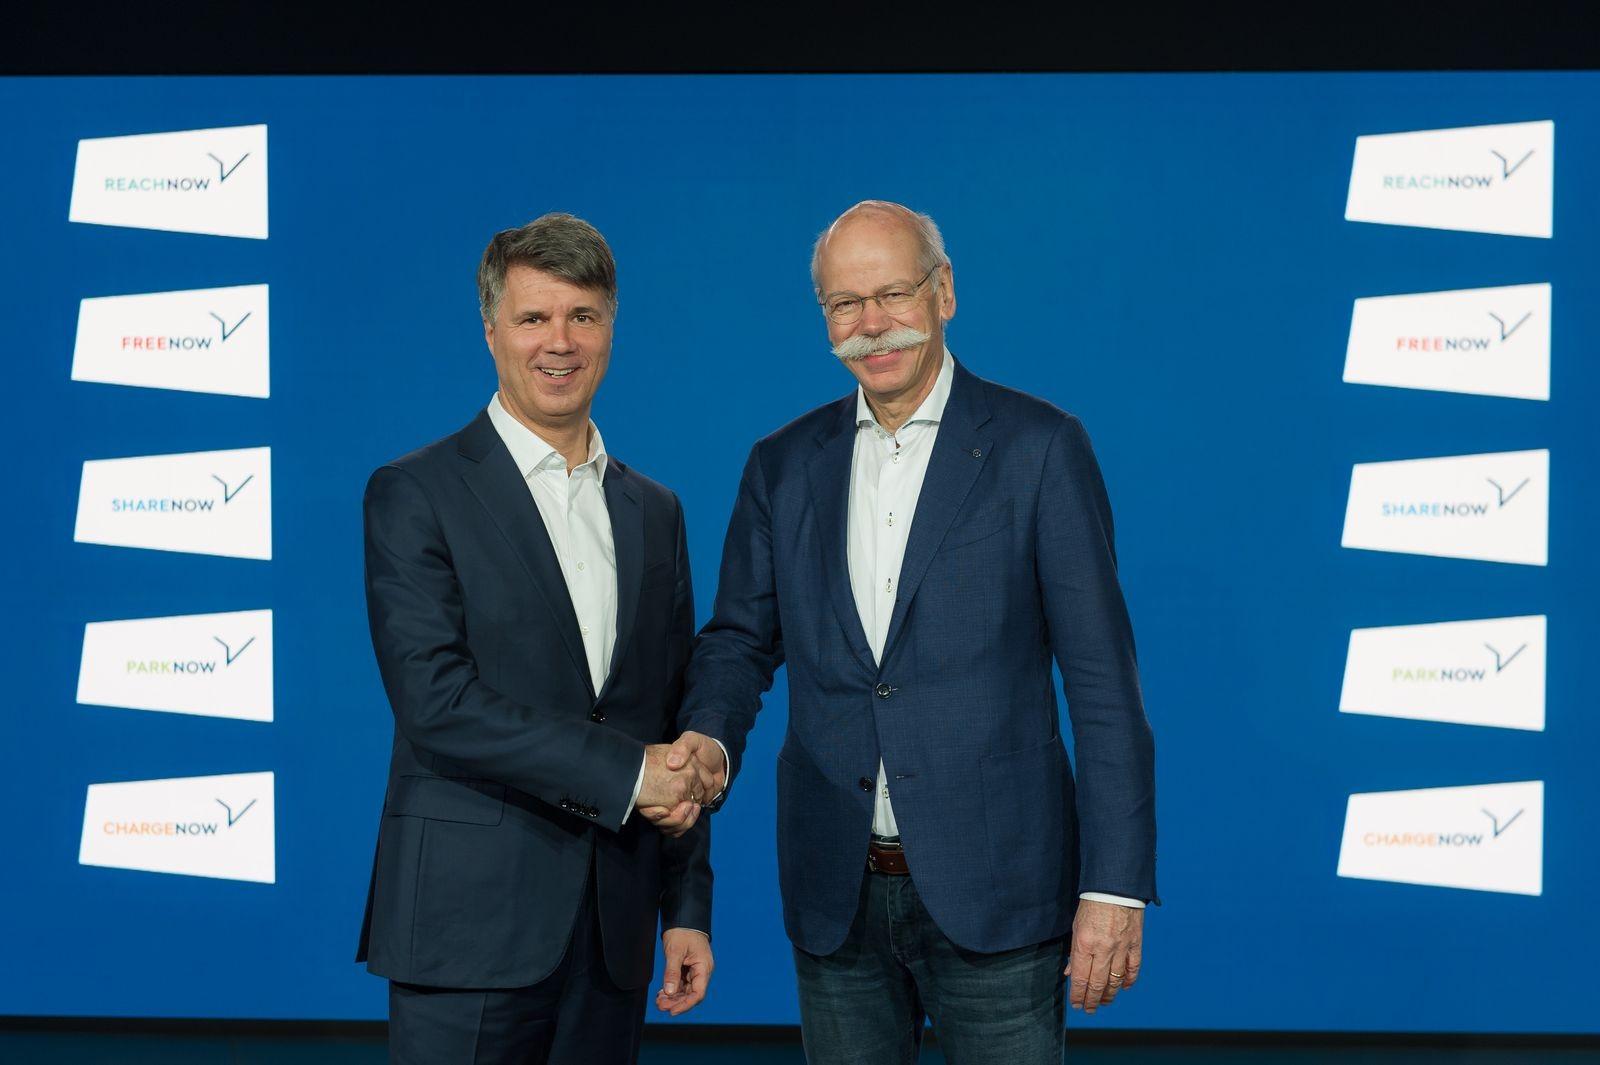 Дружба титанов: в феврале этого года Харальд Крюгер и Дитер Цетше объявили о том, что BMW и Daimler начинают полномасштабное сотрудничество в области беспилотников — ещё одна сладостная для маркетологов, но раздражающая инженеров тема.